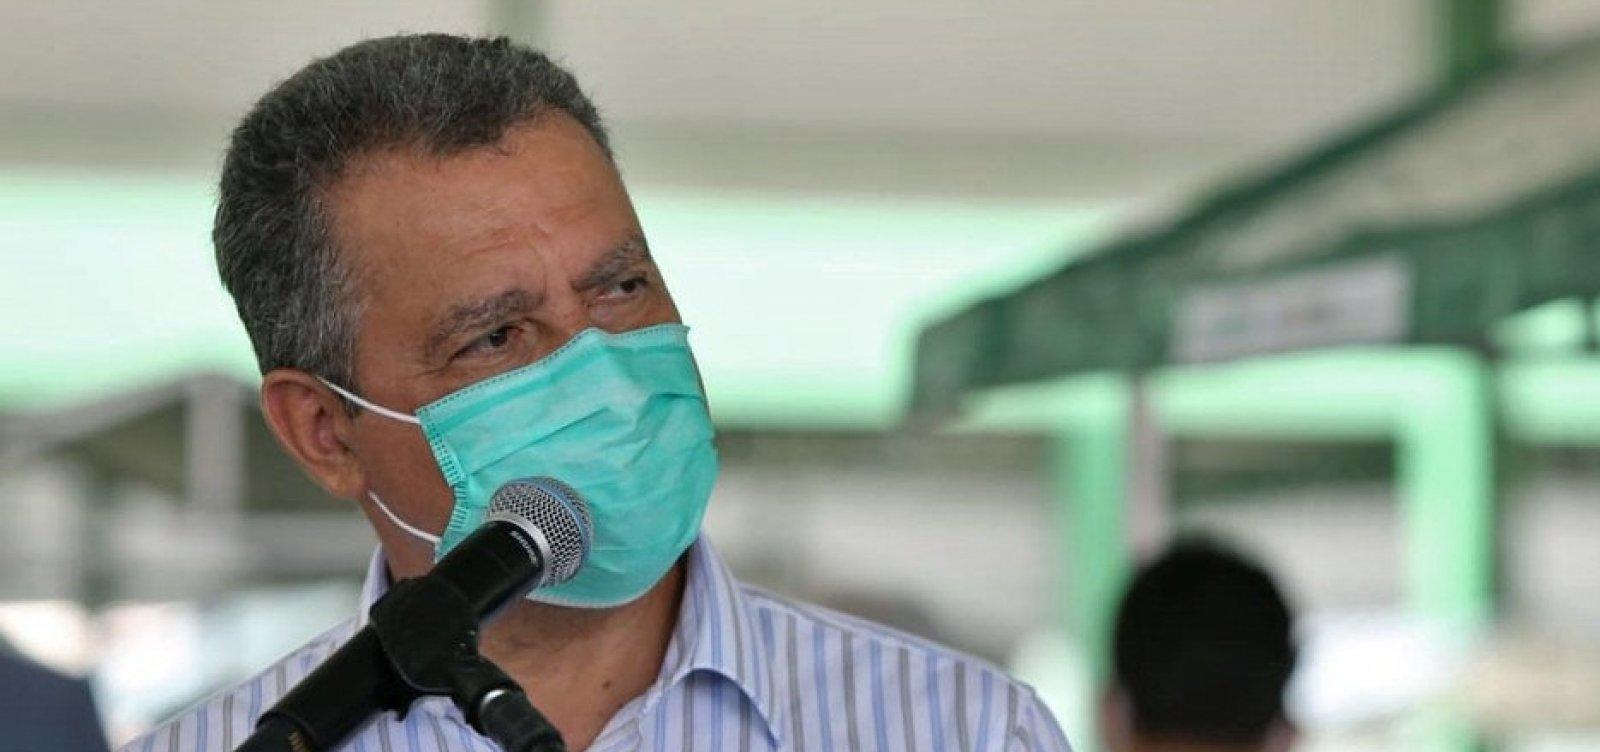 Rui Costa diz sentir falta de 'ambiente político democrático' para enfrentar pandemia